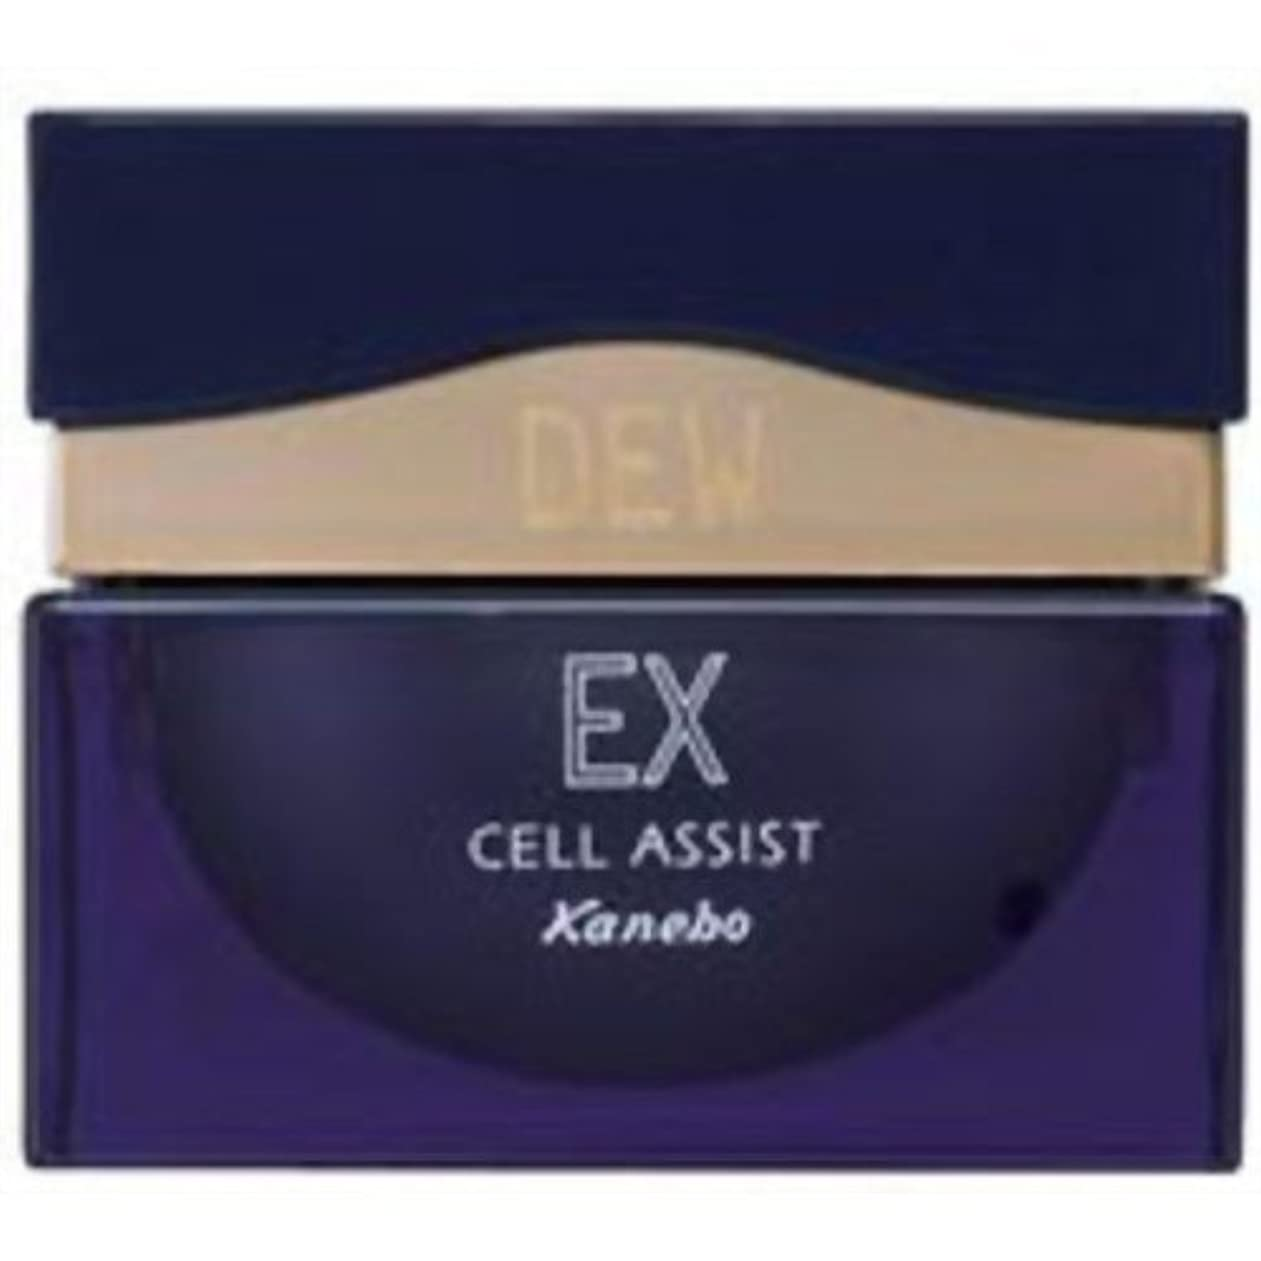 条件付きバーチャル毎日カネボウ DEW EXセルアシスト 30g